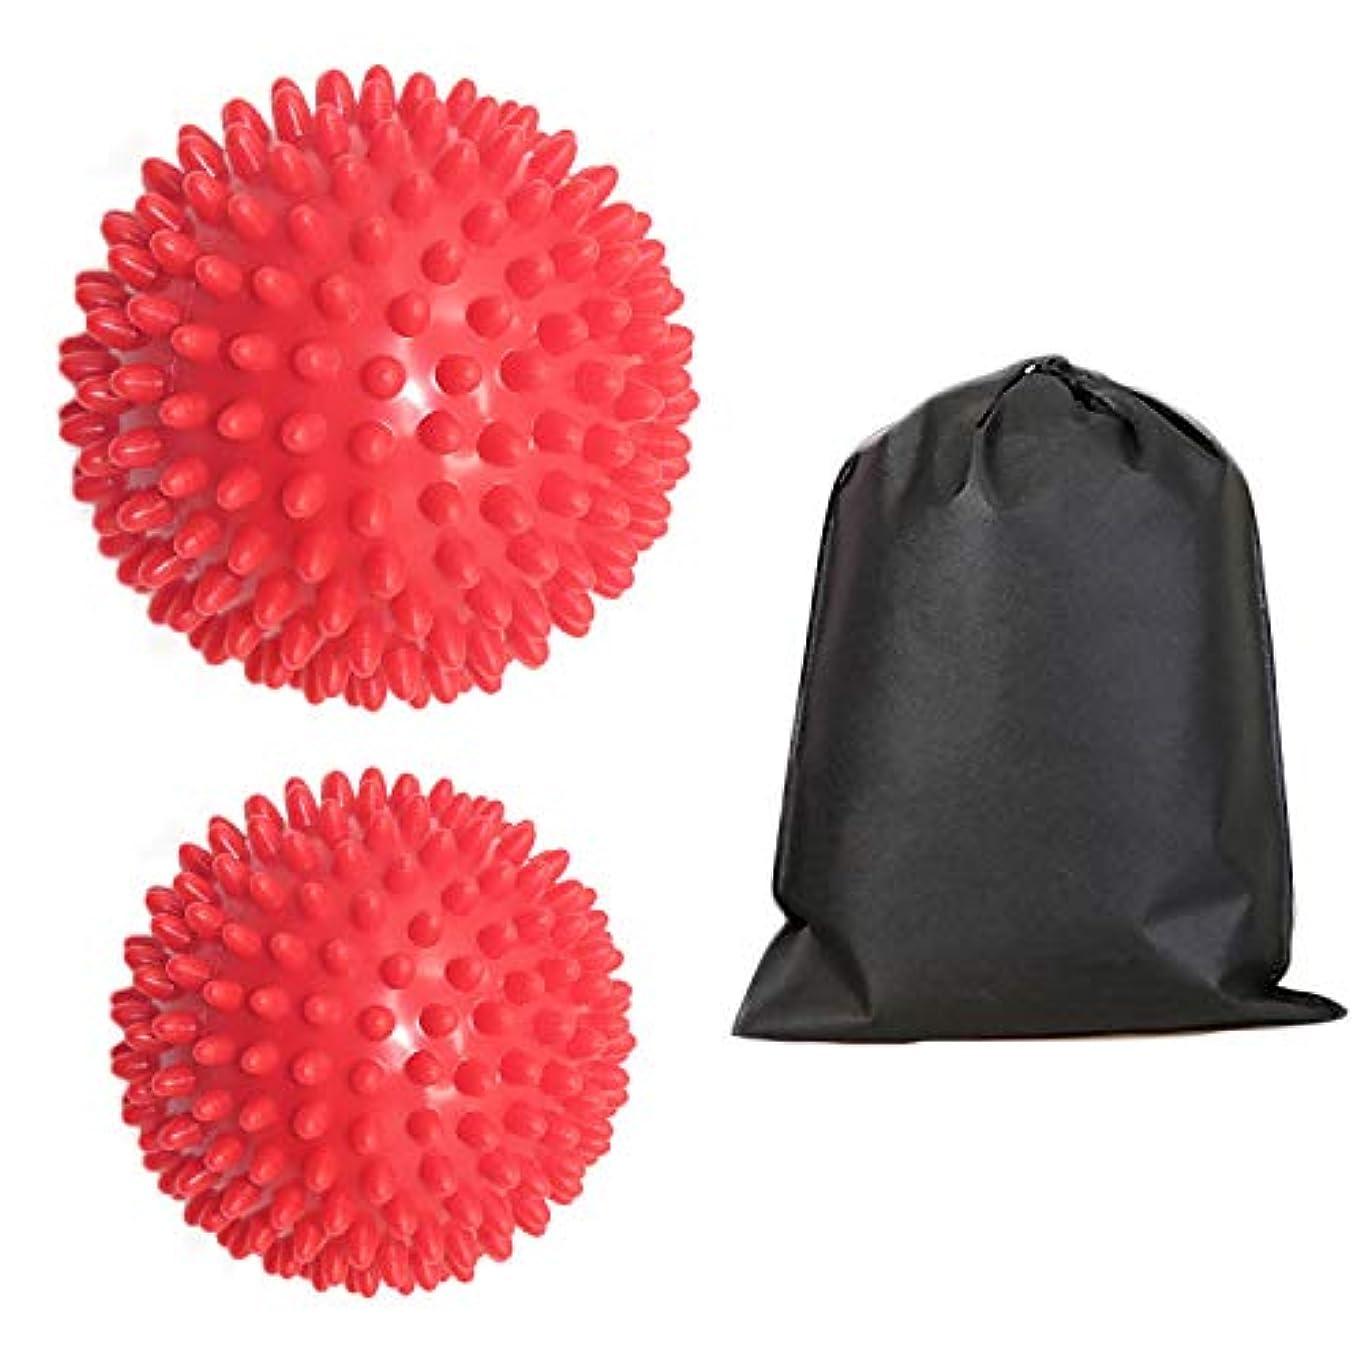 政権球状リクルートMigavan 2本足マッサージローラーマッサージボールローラー収納袋が付いている足のスパイクのマッサージのローラーボールのマッサージャー